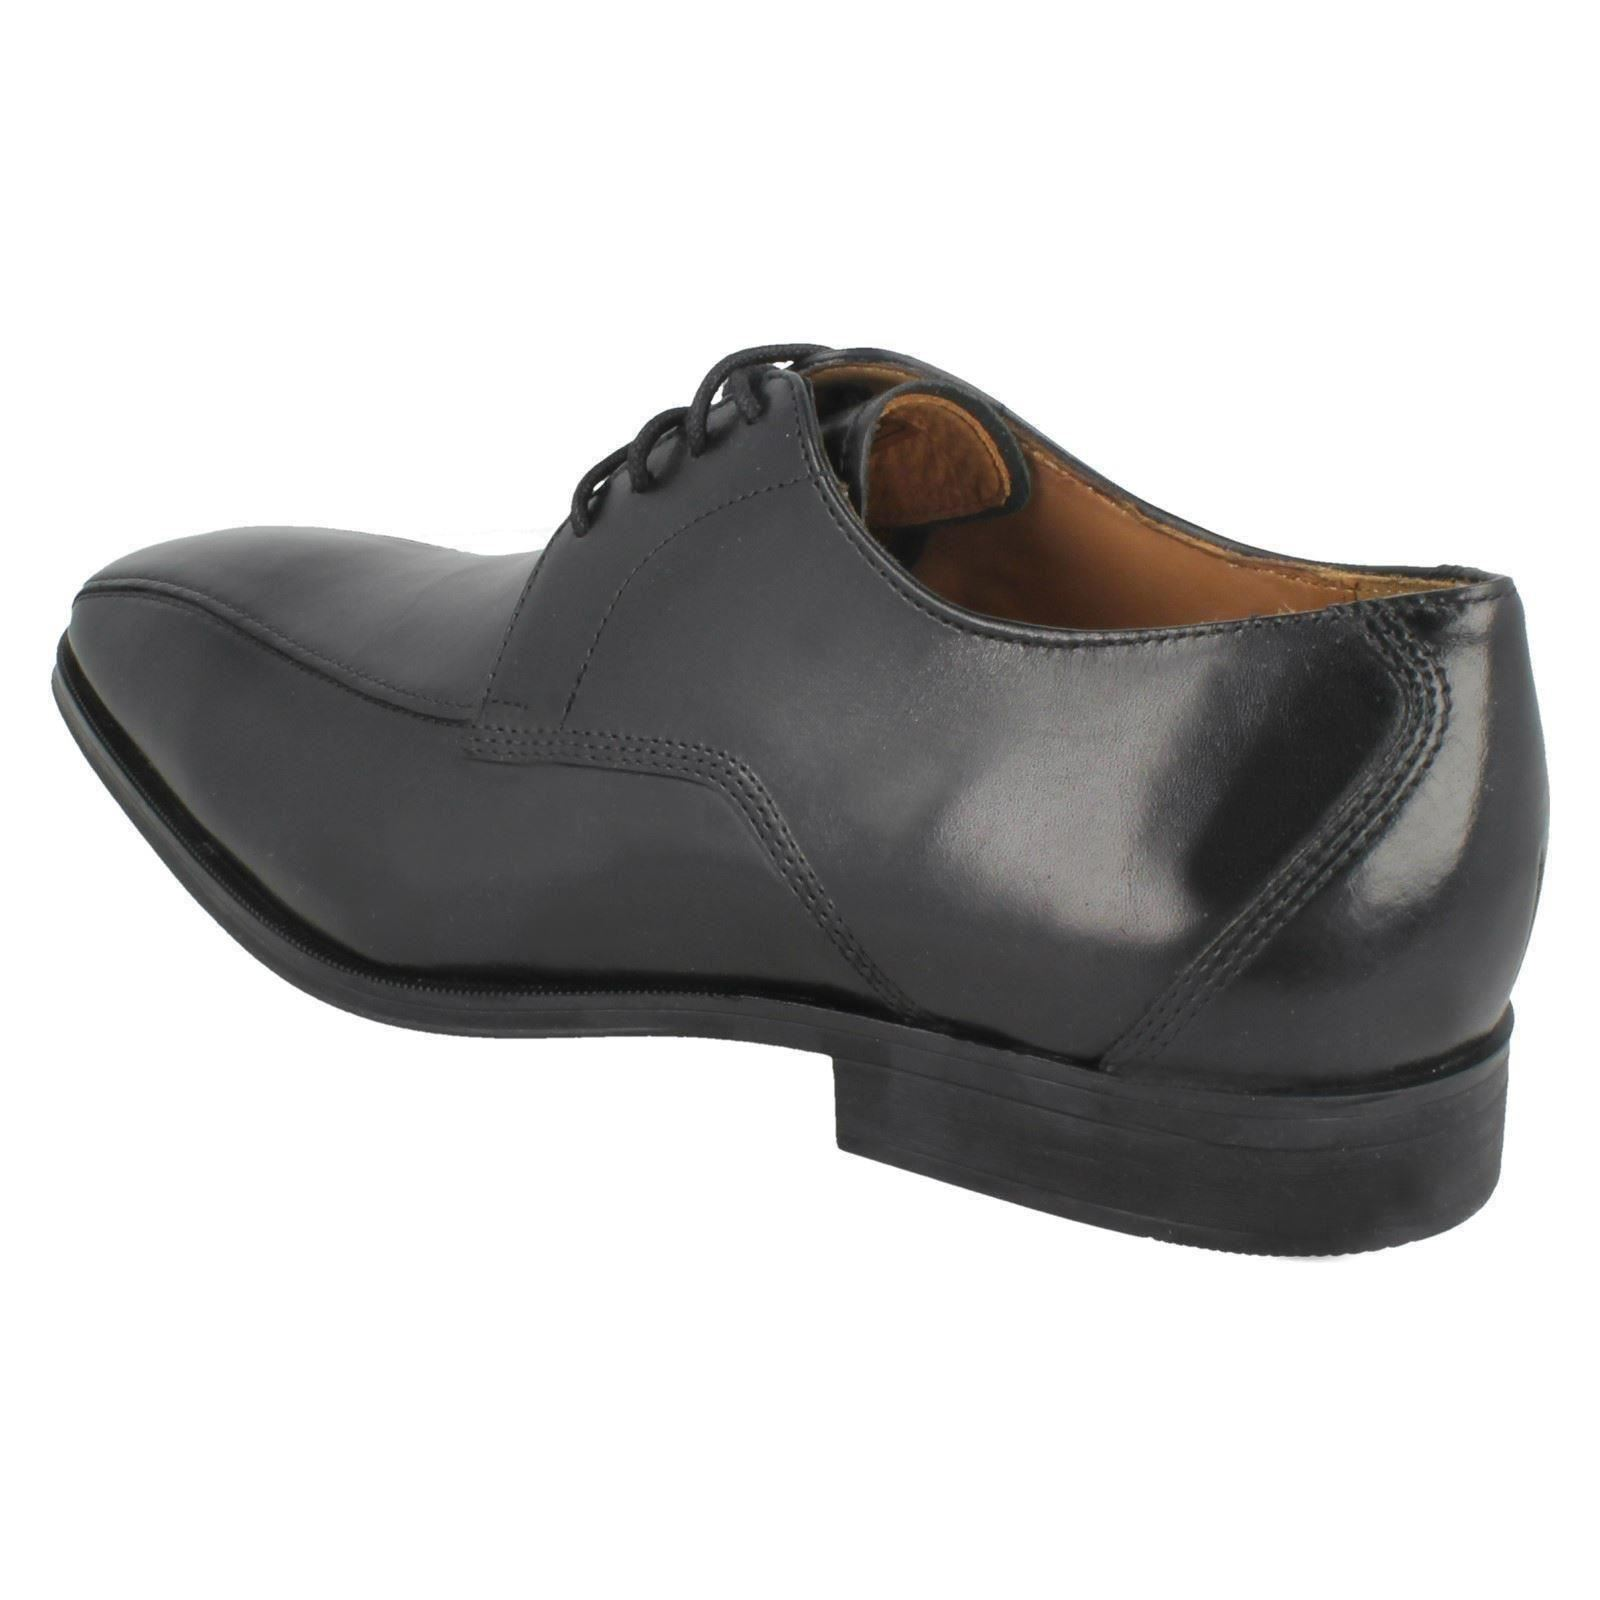 ... Hommes femmes Clarks Homme Formel Chaussures Technologie GilFemme mode  Technologie Chaussures moderne Fabrication qualifiée Un équilibre ... b7a40c6e6e2f